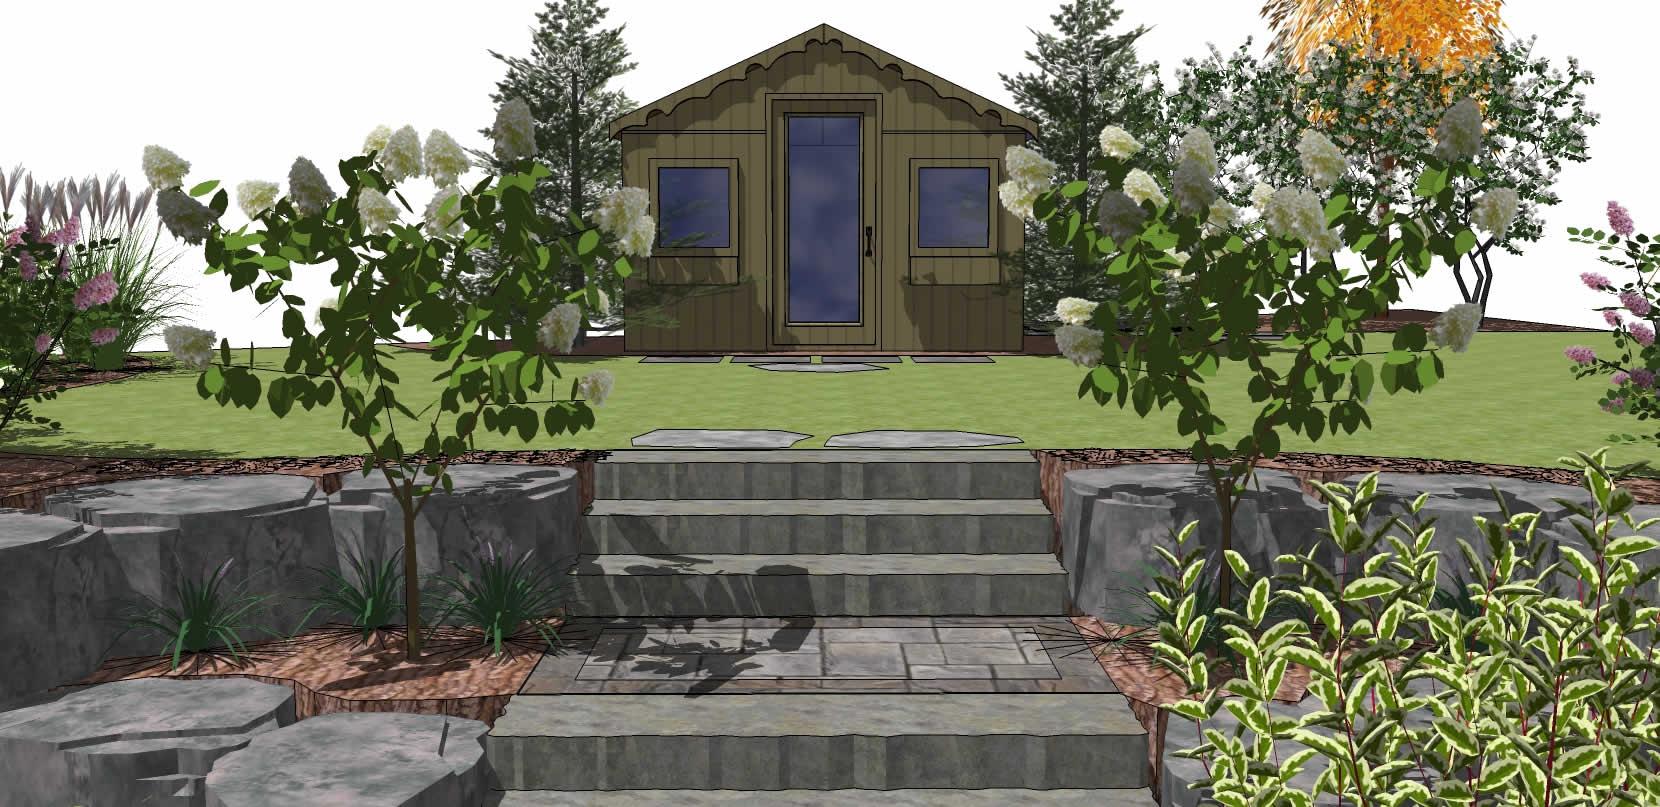 Landscape design let 39 s landscape together for Pool design sketchup